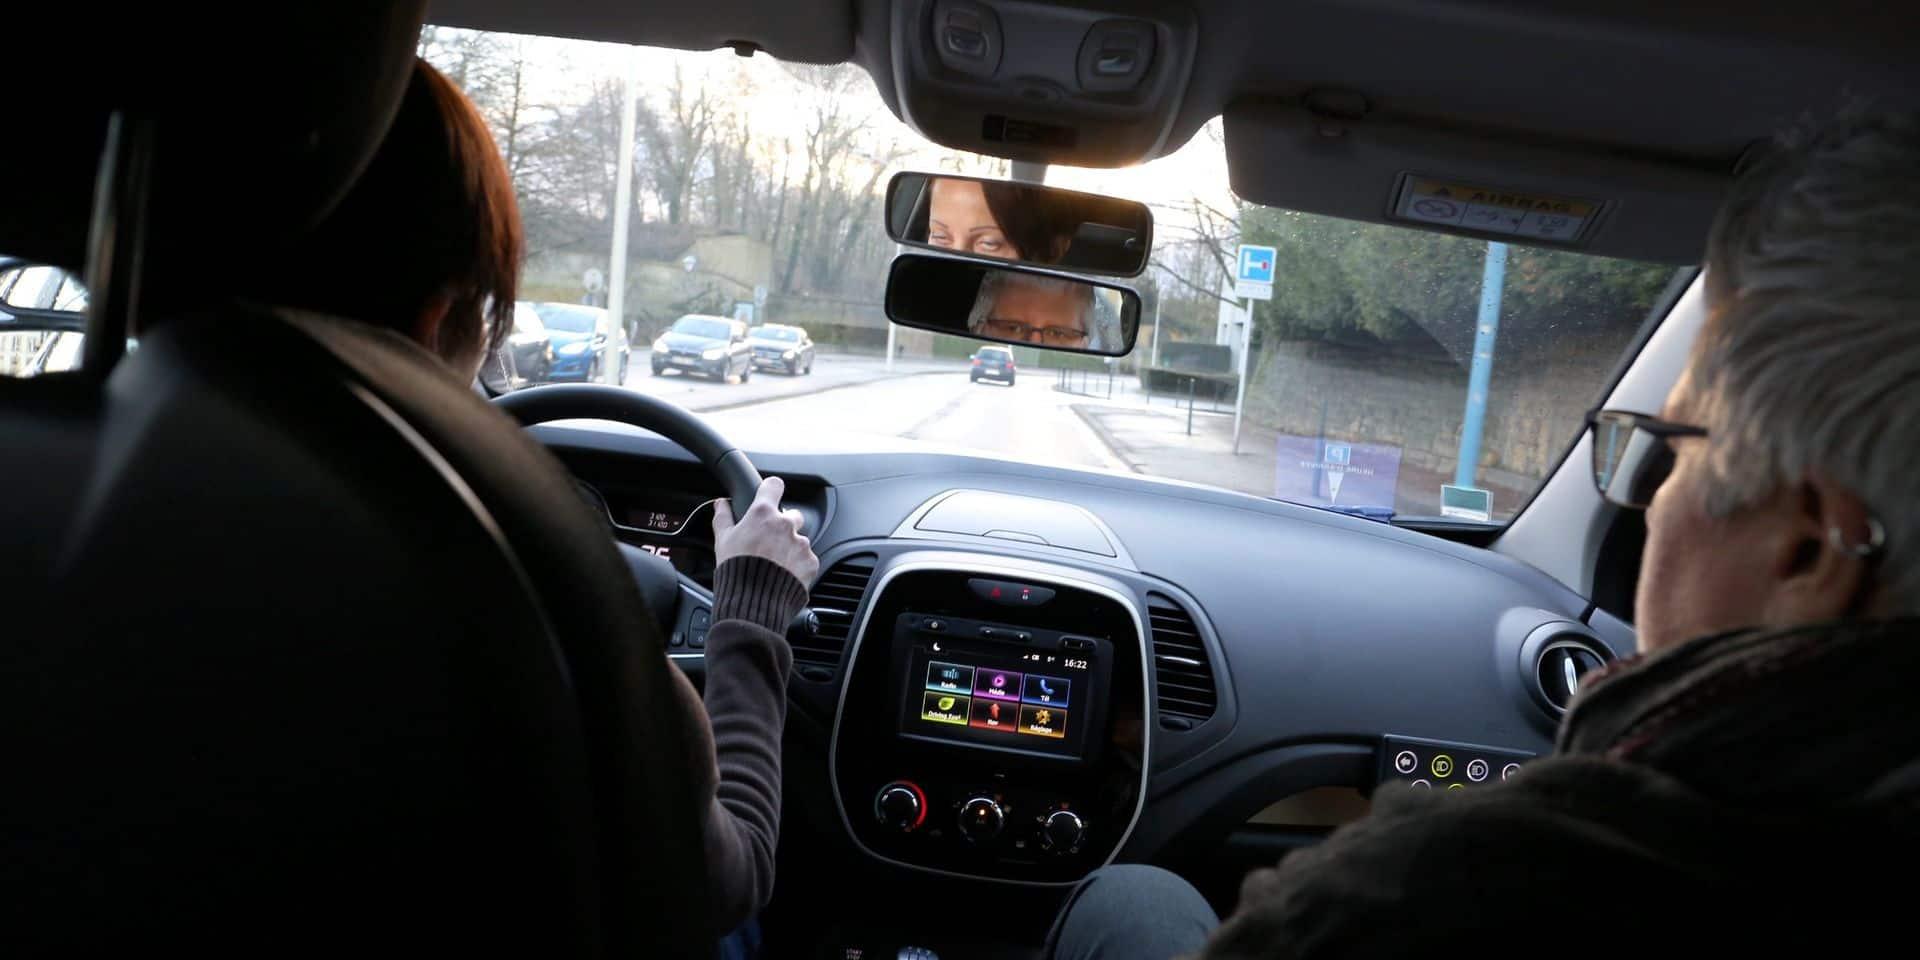 Permis de conduire: le nombre d'examens pratiques a fortement baissé l'an dernier